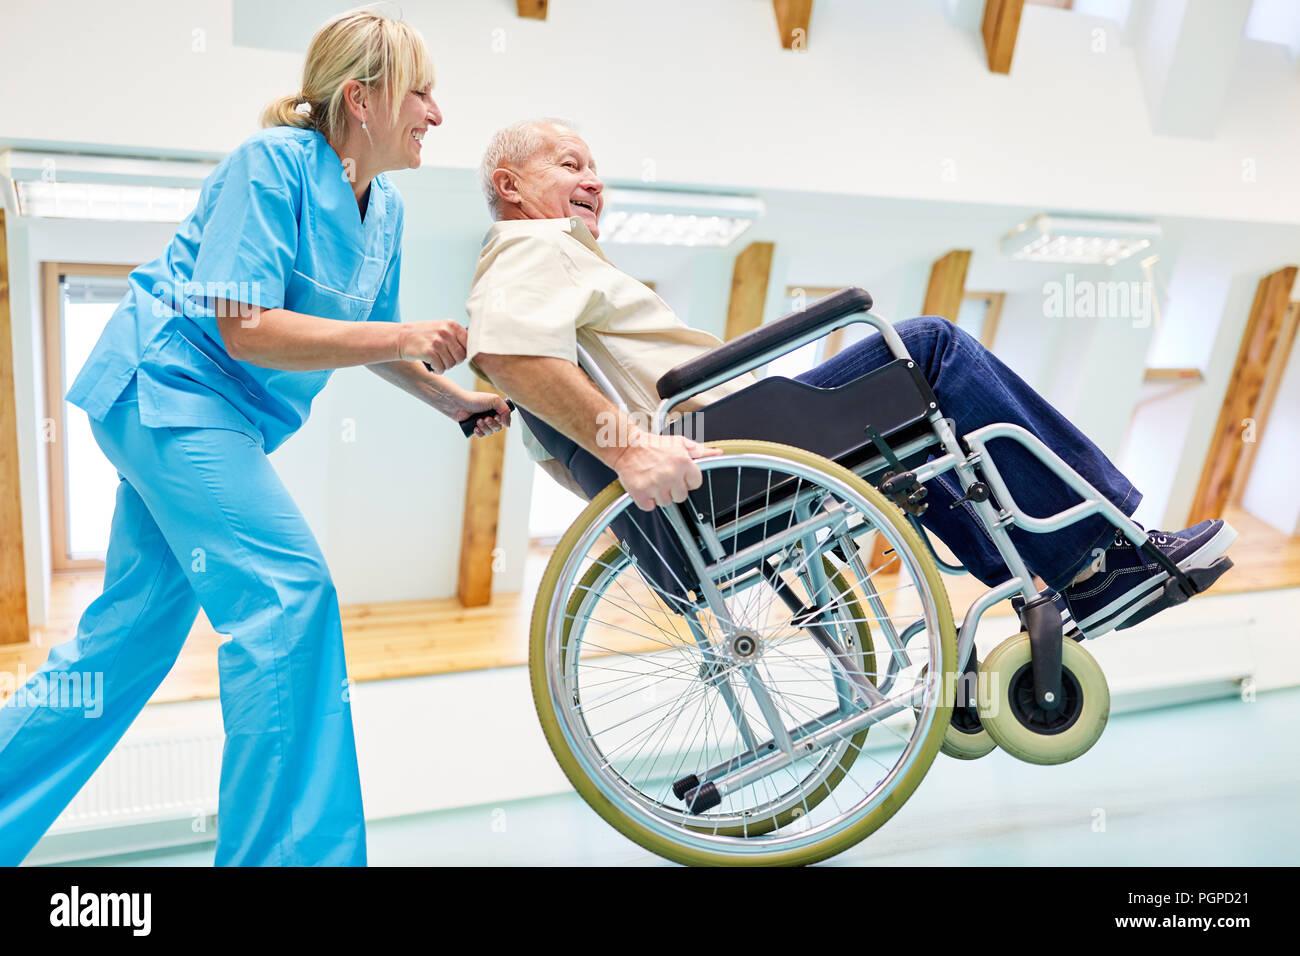 Aidant et âgée dans un fauteuil roulant autour de ridicule en maison de retraite ou rehab Photo Stock